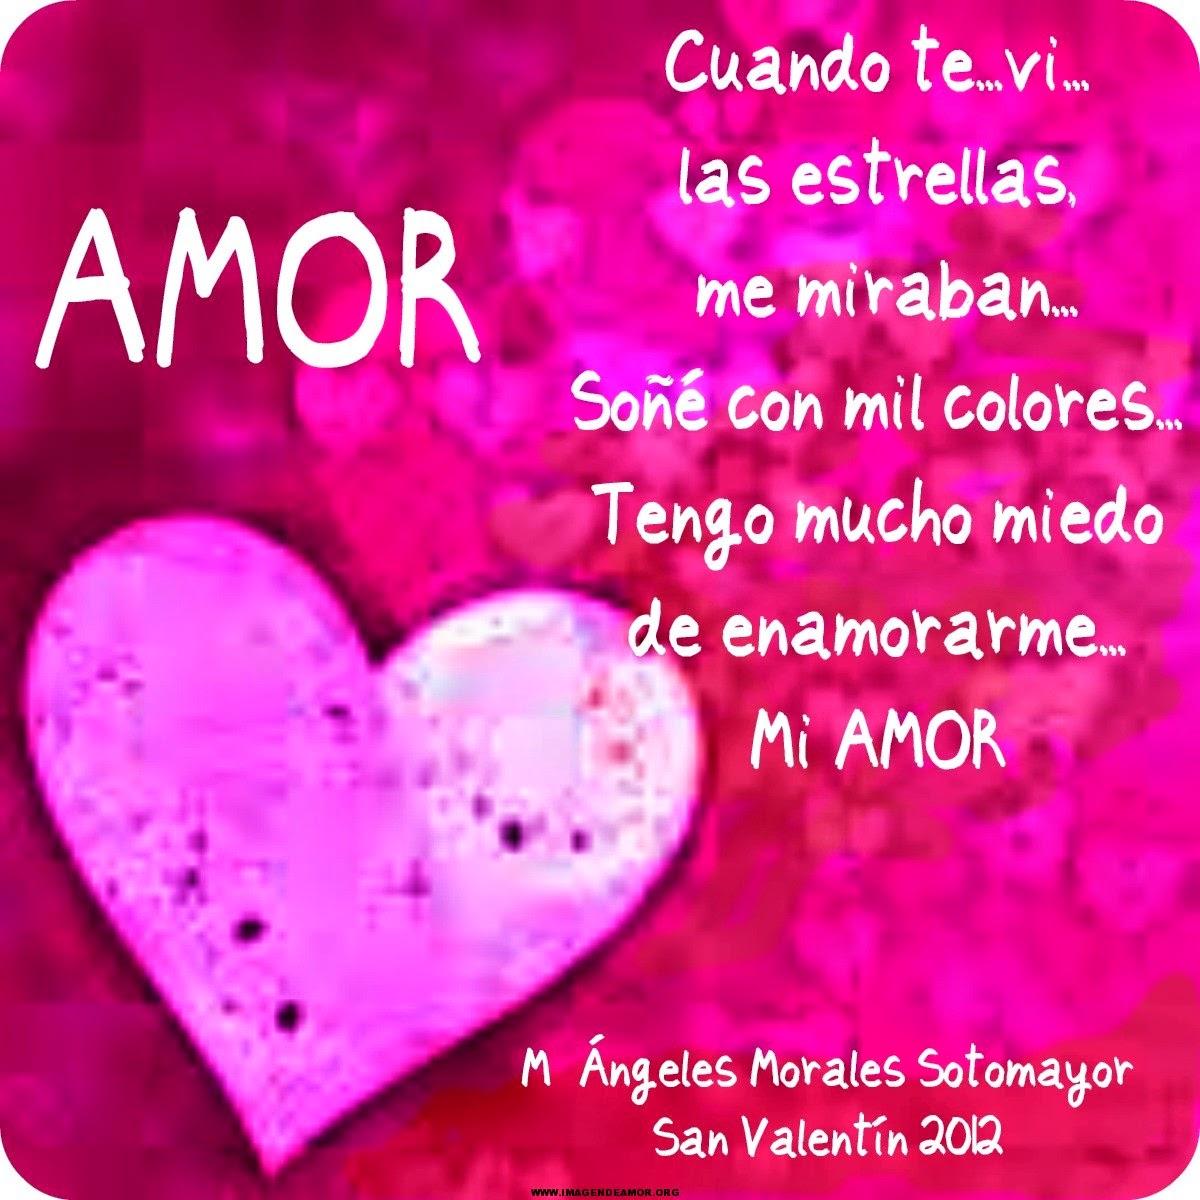 Amor, Regalos, Detalles, Noviazgo, Poemas, Piropos